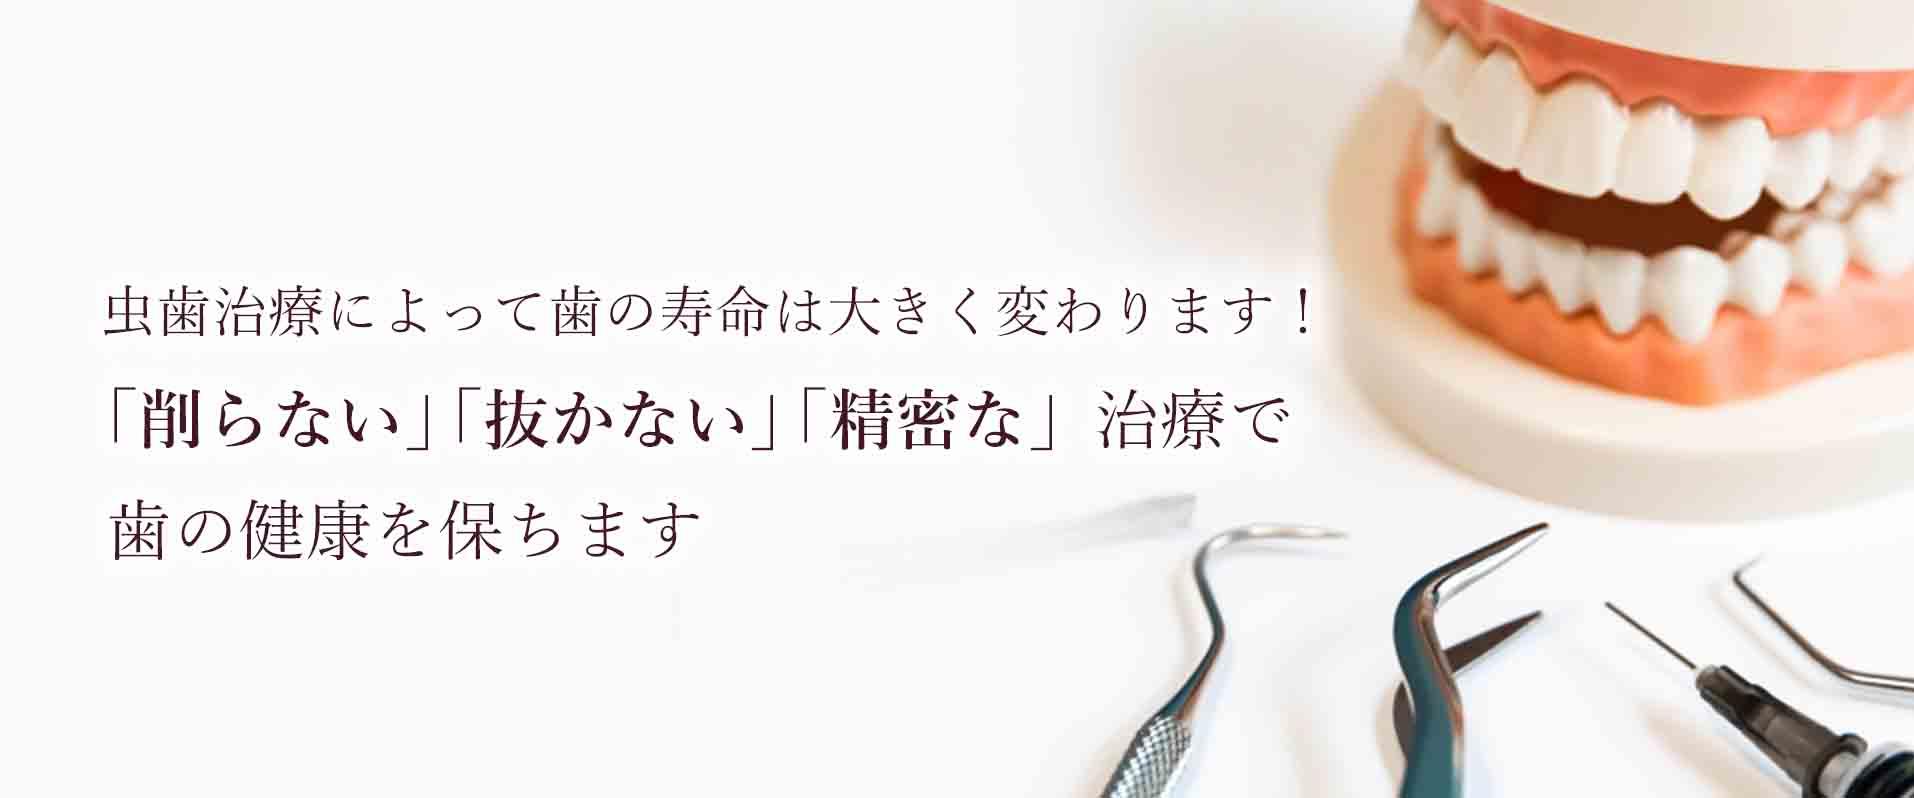 虫歯治療によって歯の寿命は大きく変わります!「削らない」「抜かない」「精密な」治療で歯の健康を保ちます